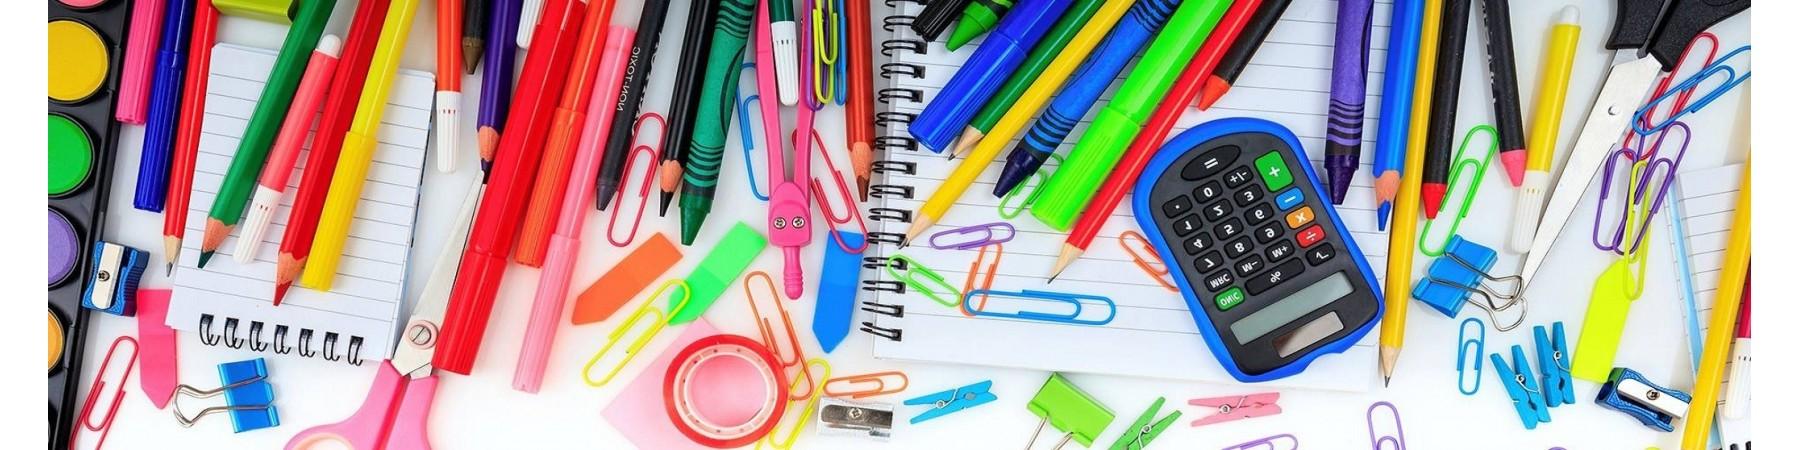 Đồ dùng,dụng cụ học tập trẻ em,học sinh,sinh viên